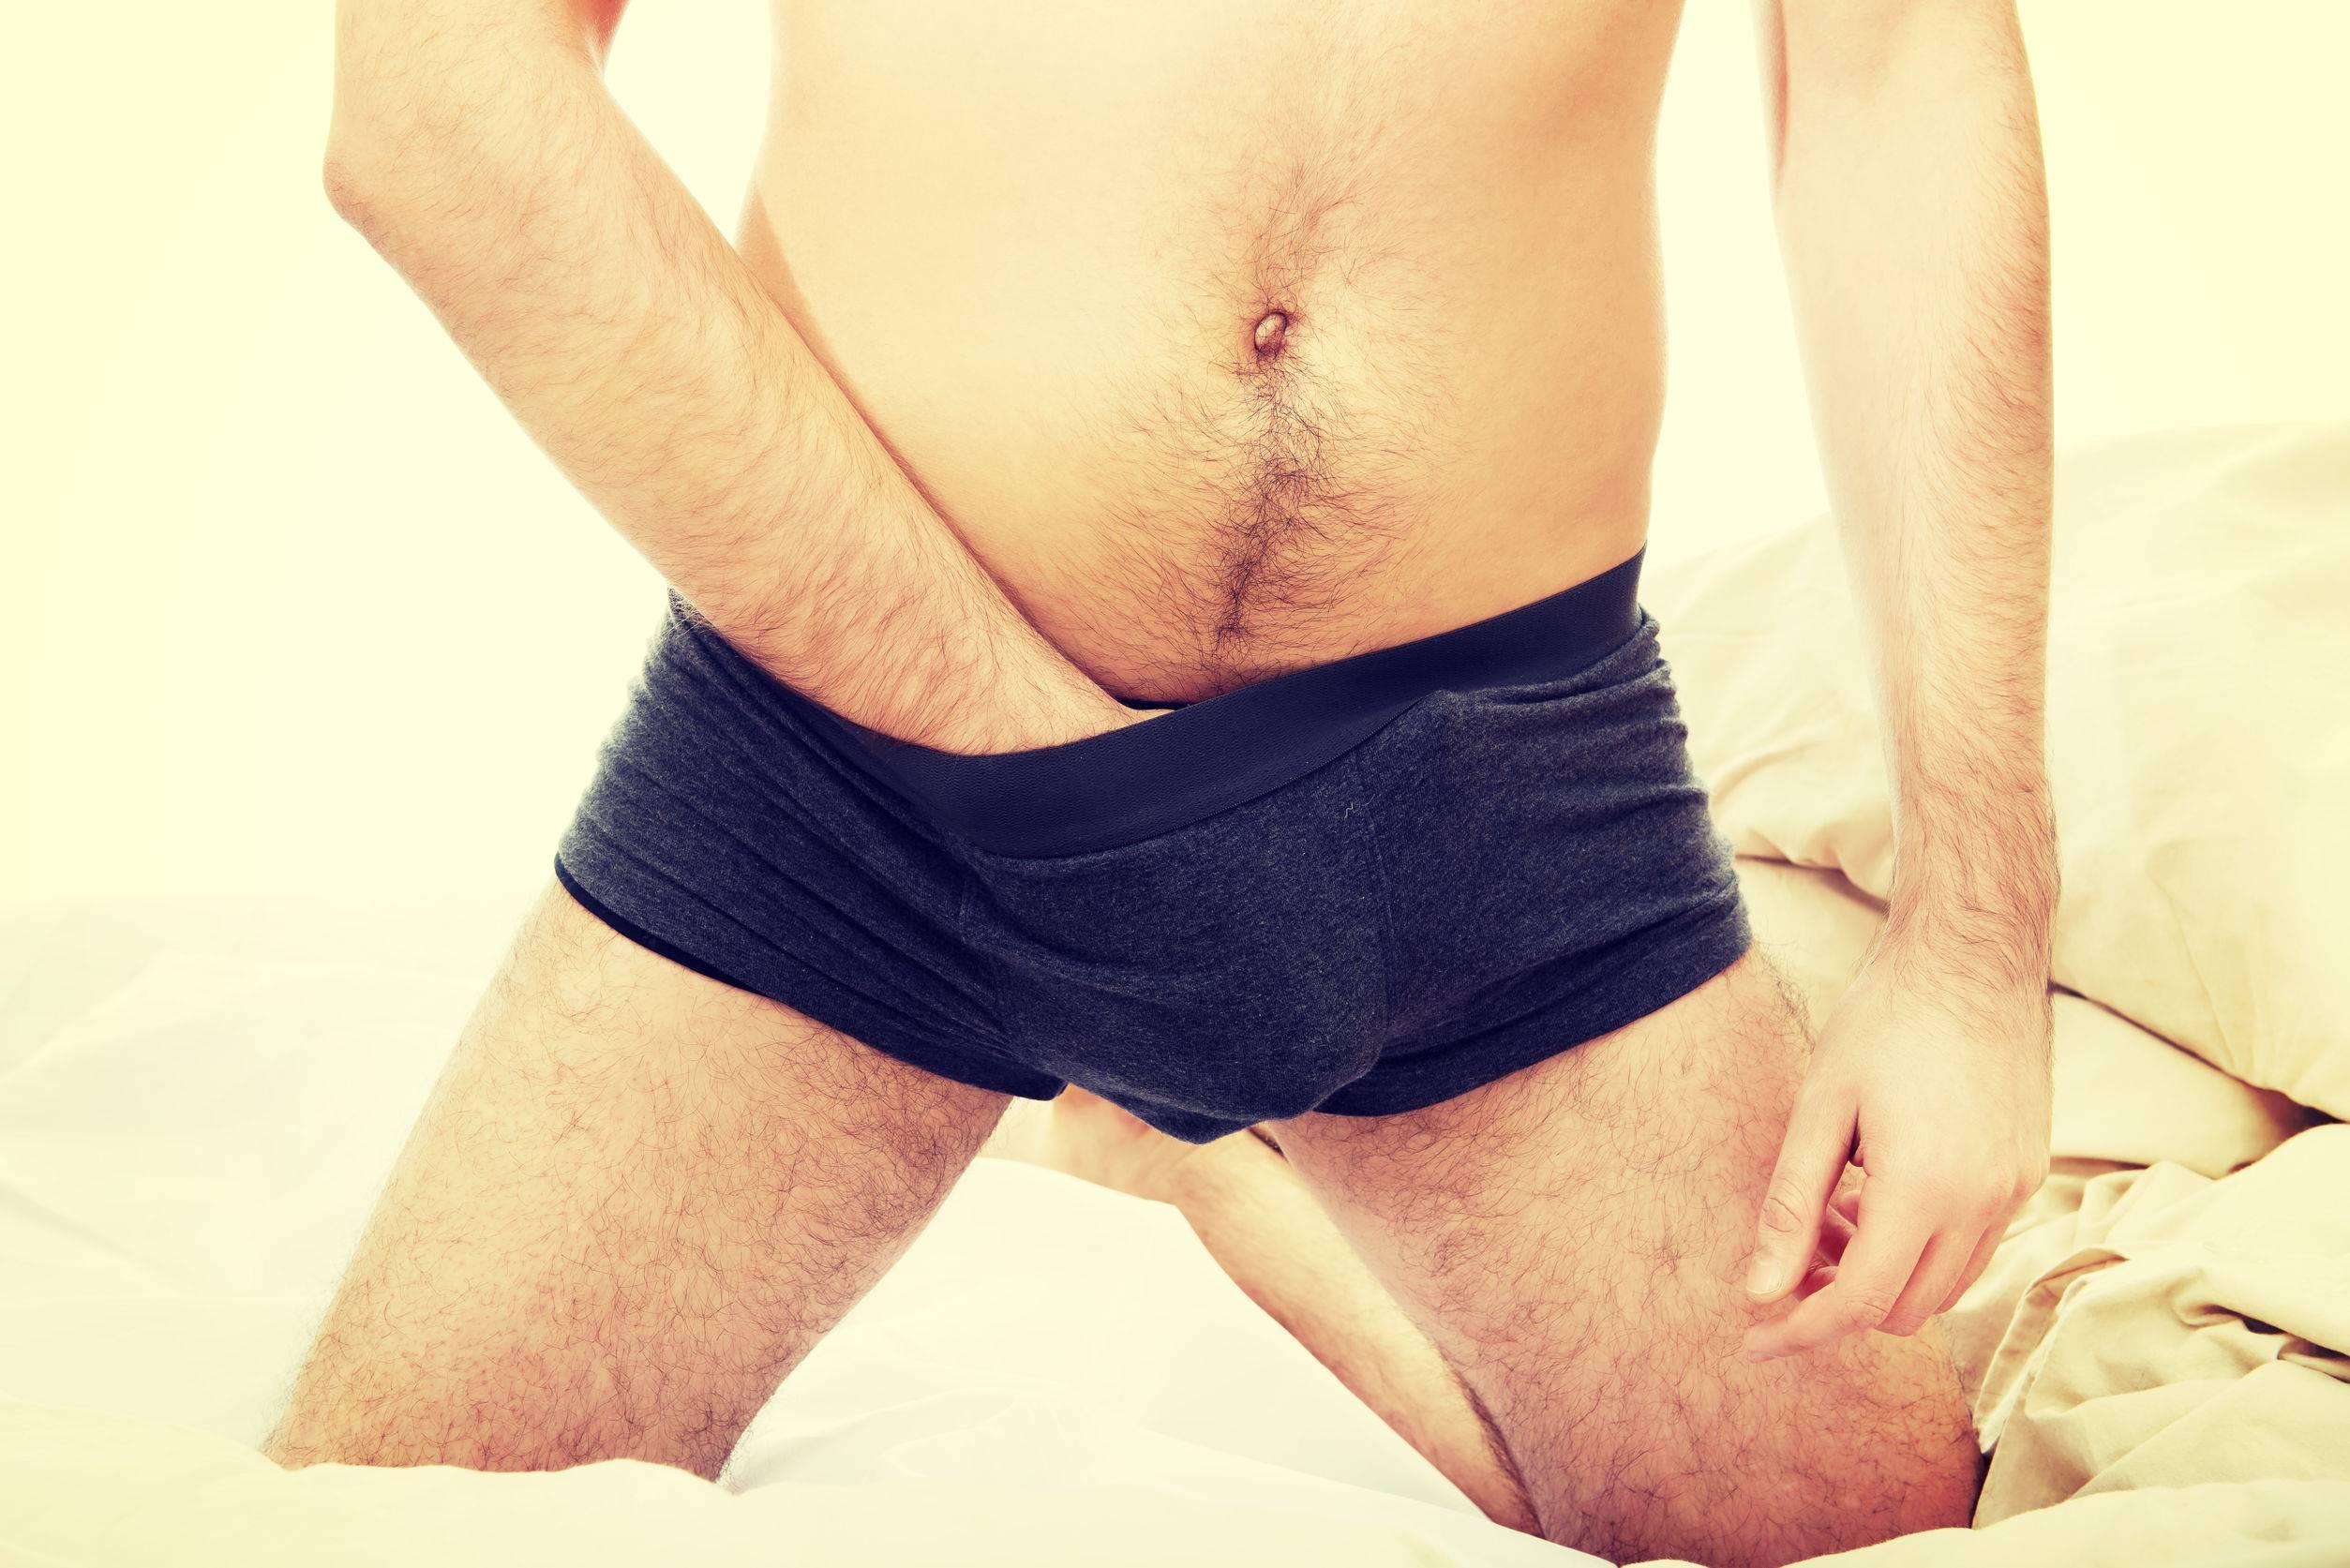 férfiak erekciója hányszor pénisznagyobbítás a gyűrűhöz